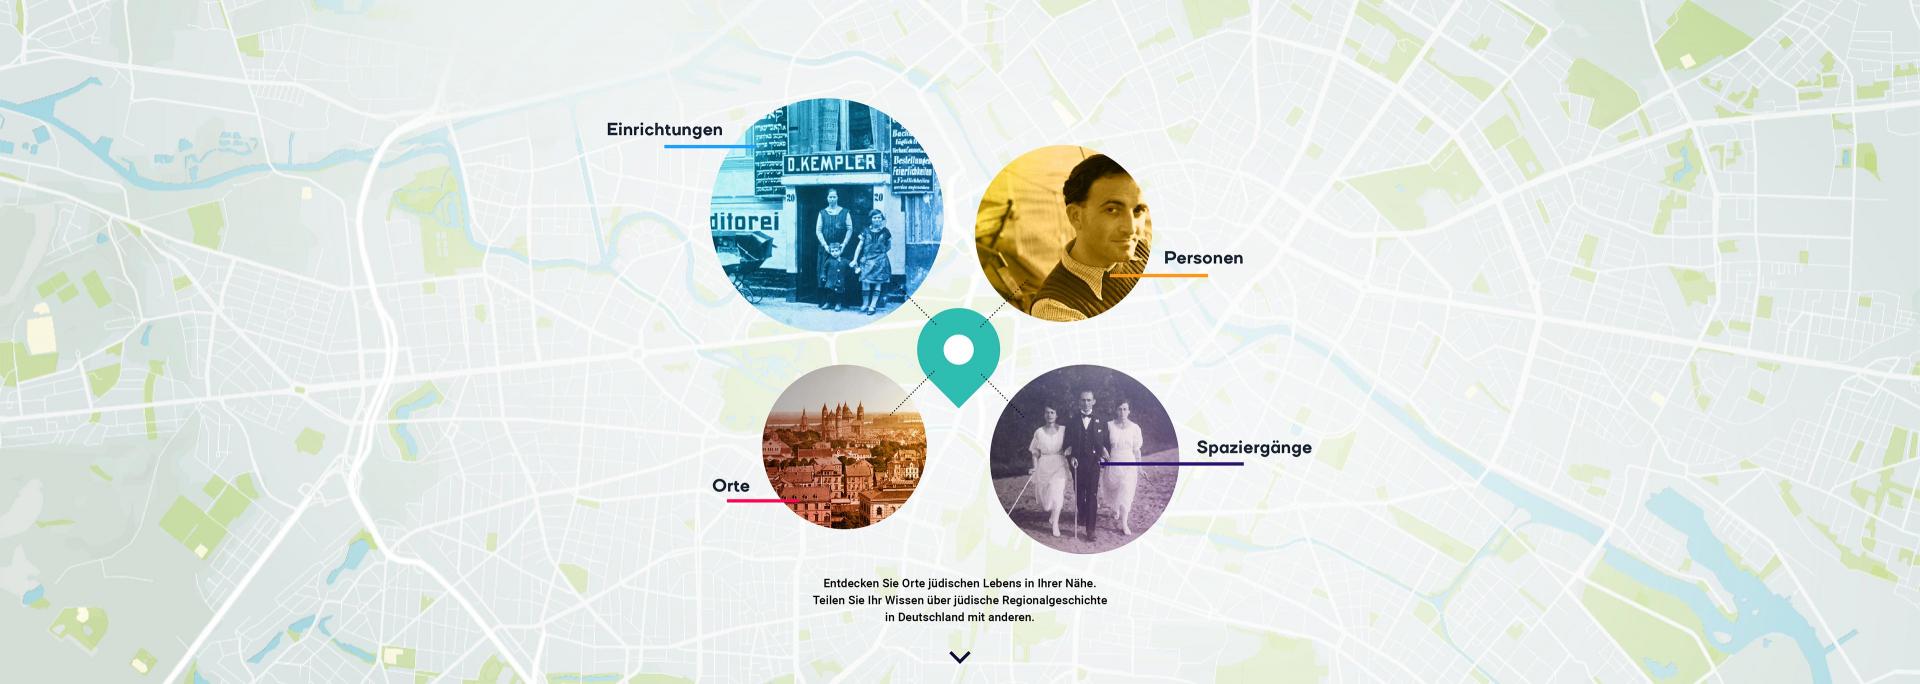 Ausschnitt (Ansicht) eines Stadtplans mit Fotos